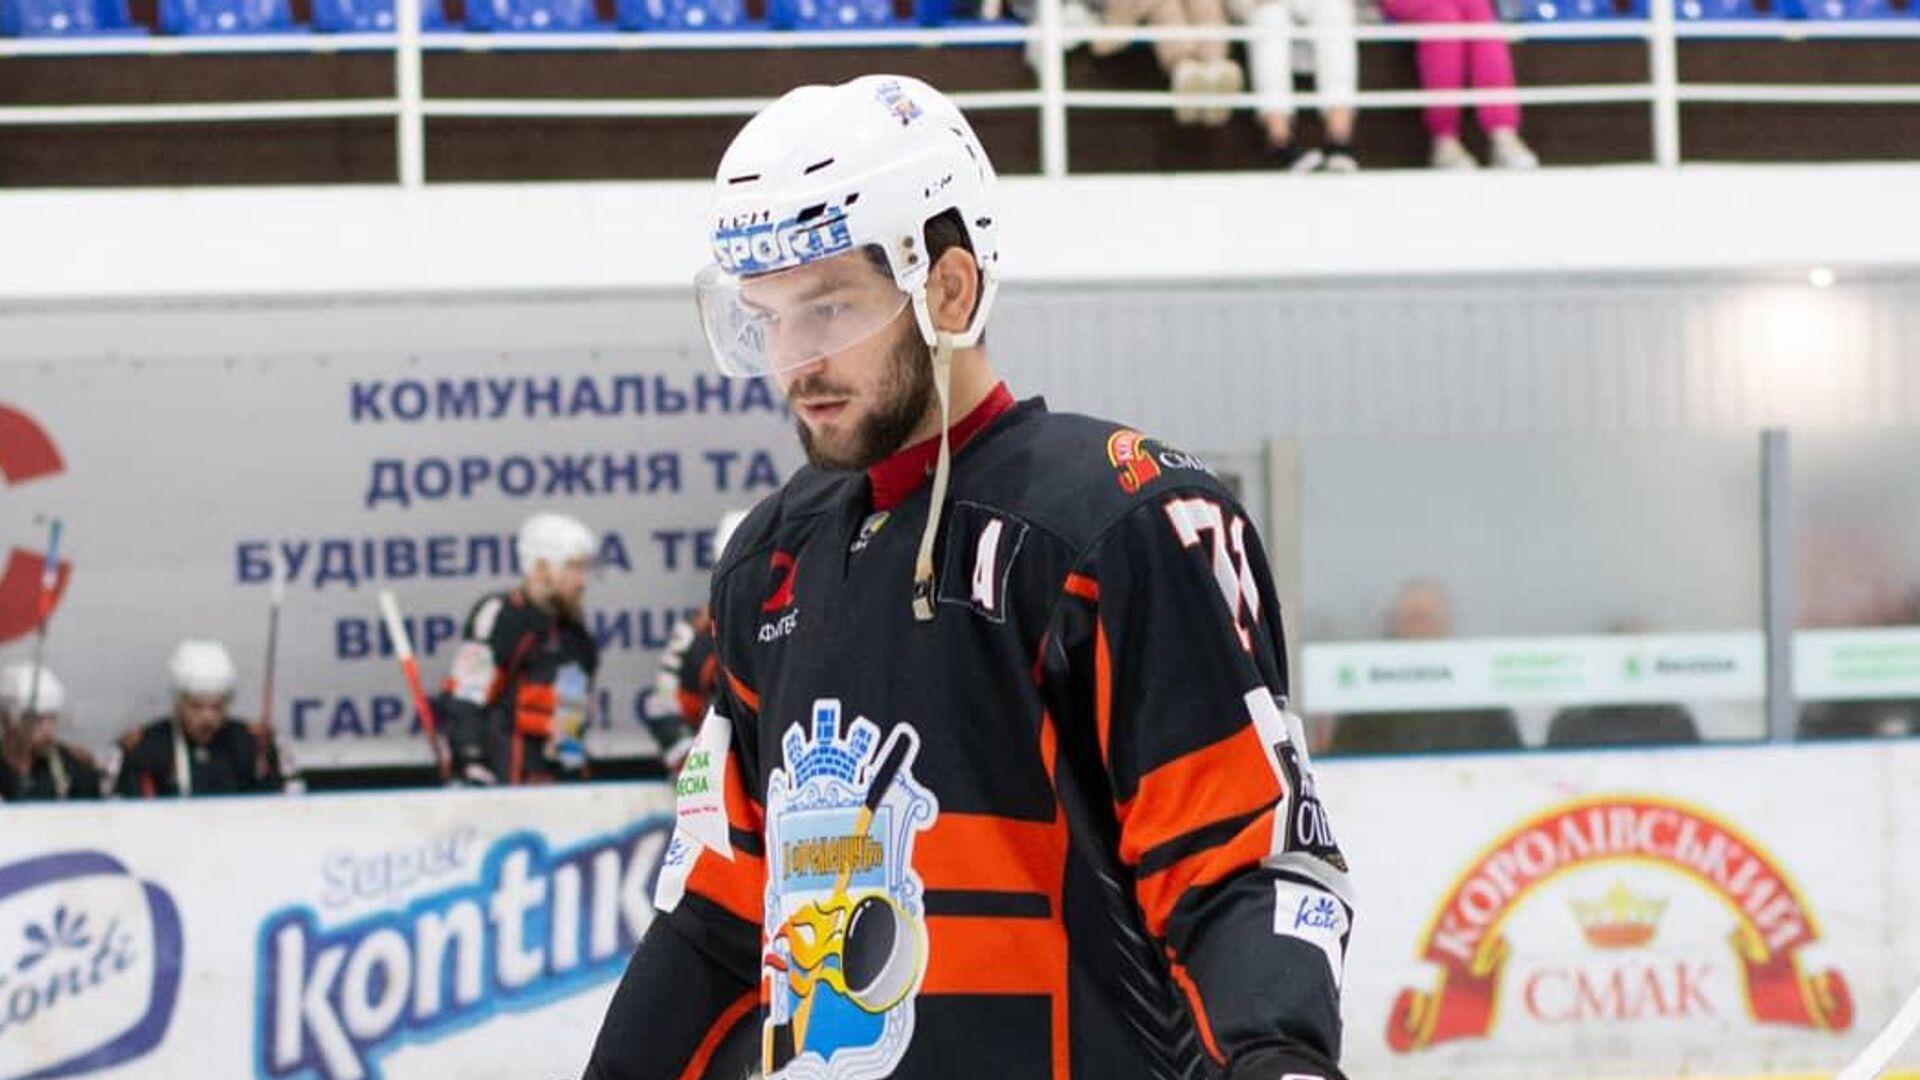 Хоккеист Кременчука Андрей Денискин - РИА Новости, 1920, 27.09.2021